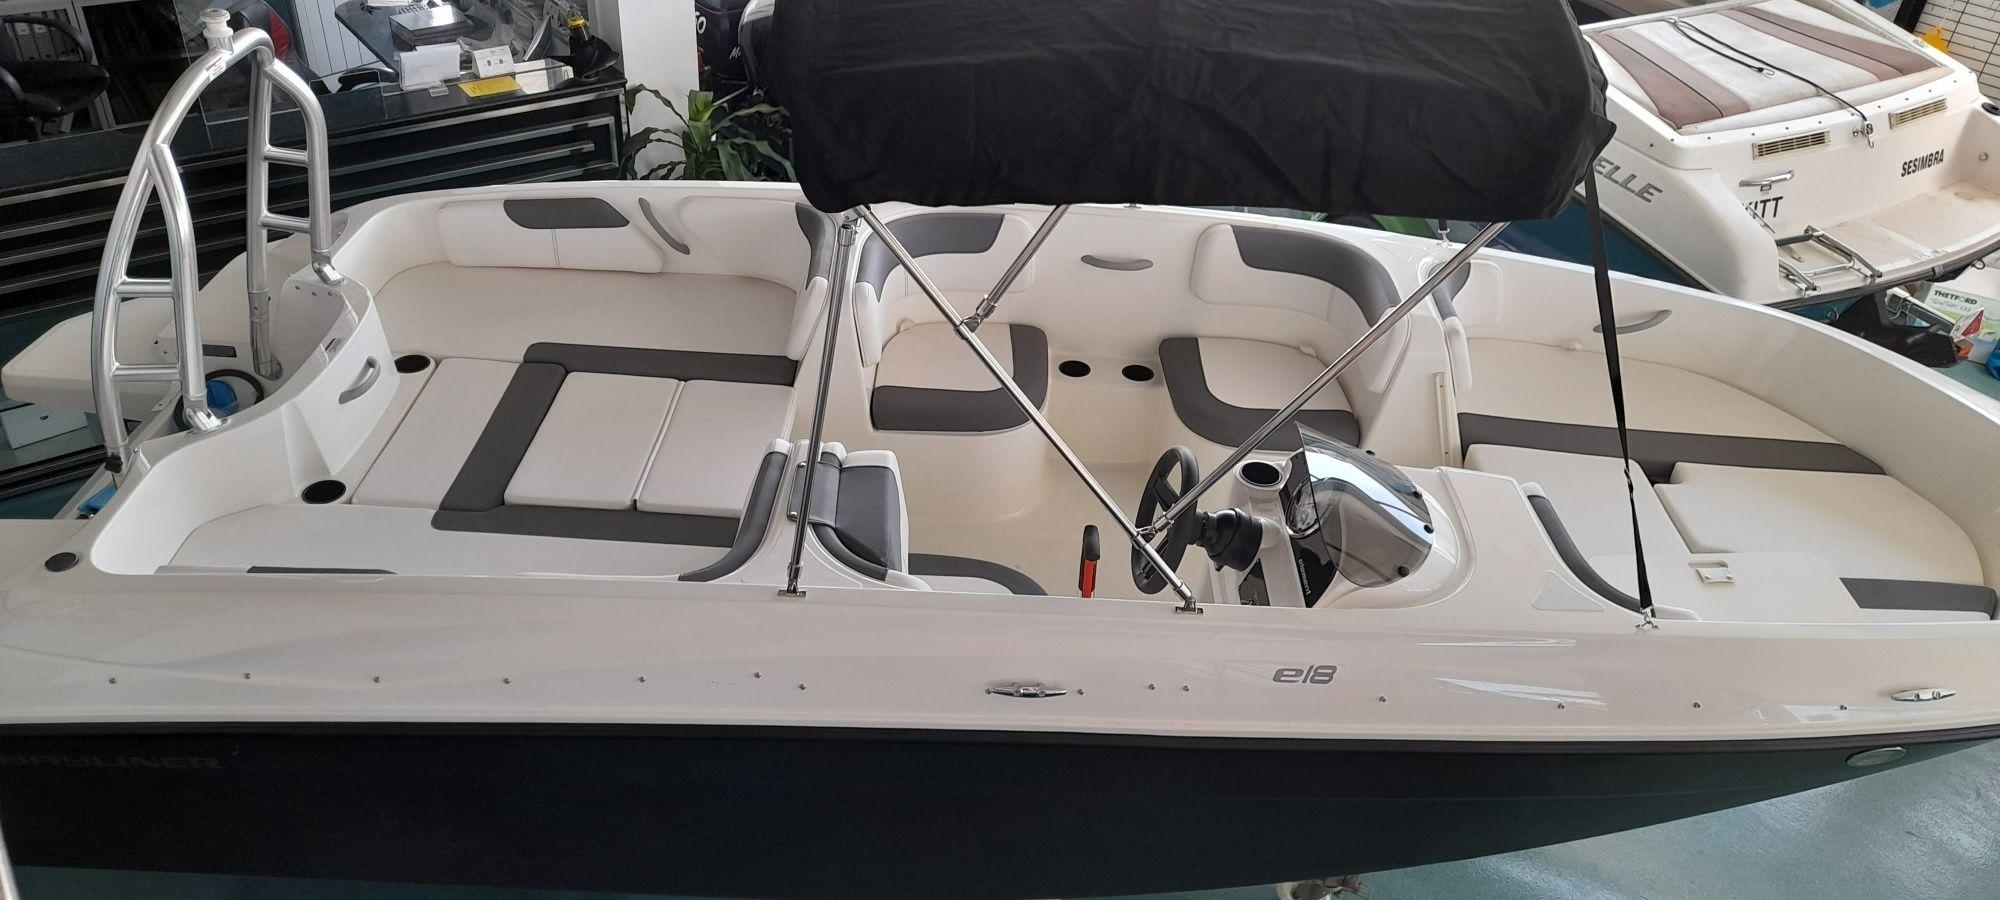 Barco BAYLINER E18  equipado com motor Mercury 115hp ELPT EFI